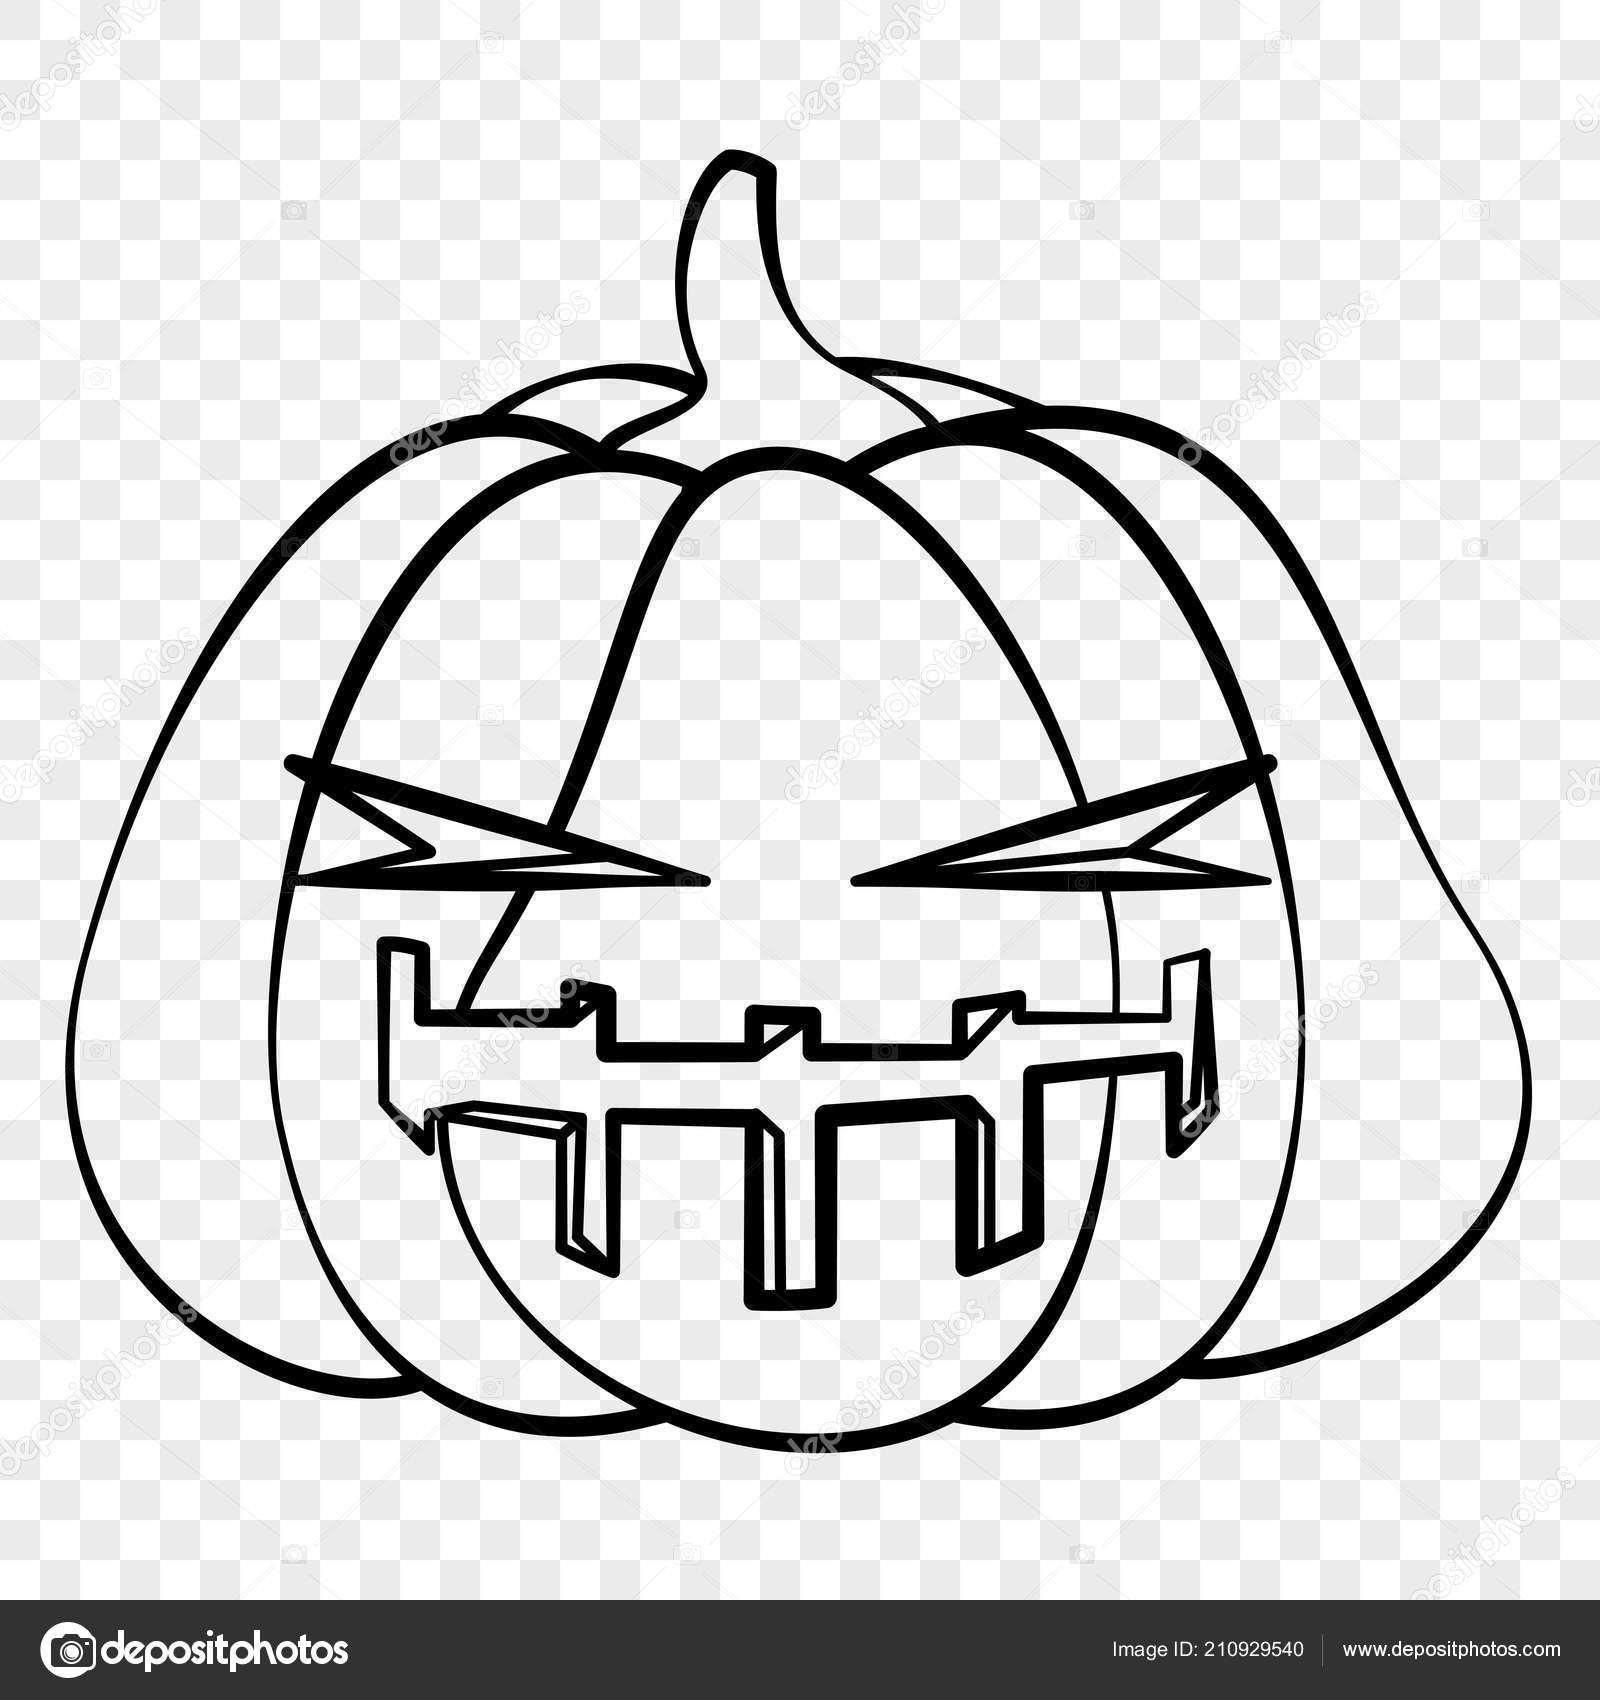 Halloween Tekeningen Pompoen.Kwaad Gezicht Halloween Pompoen Emotie Schets Tekening Voor